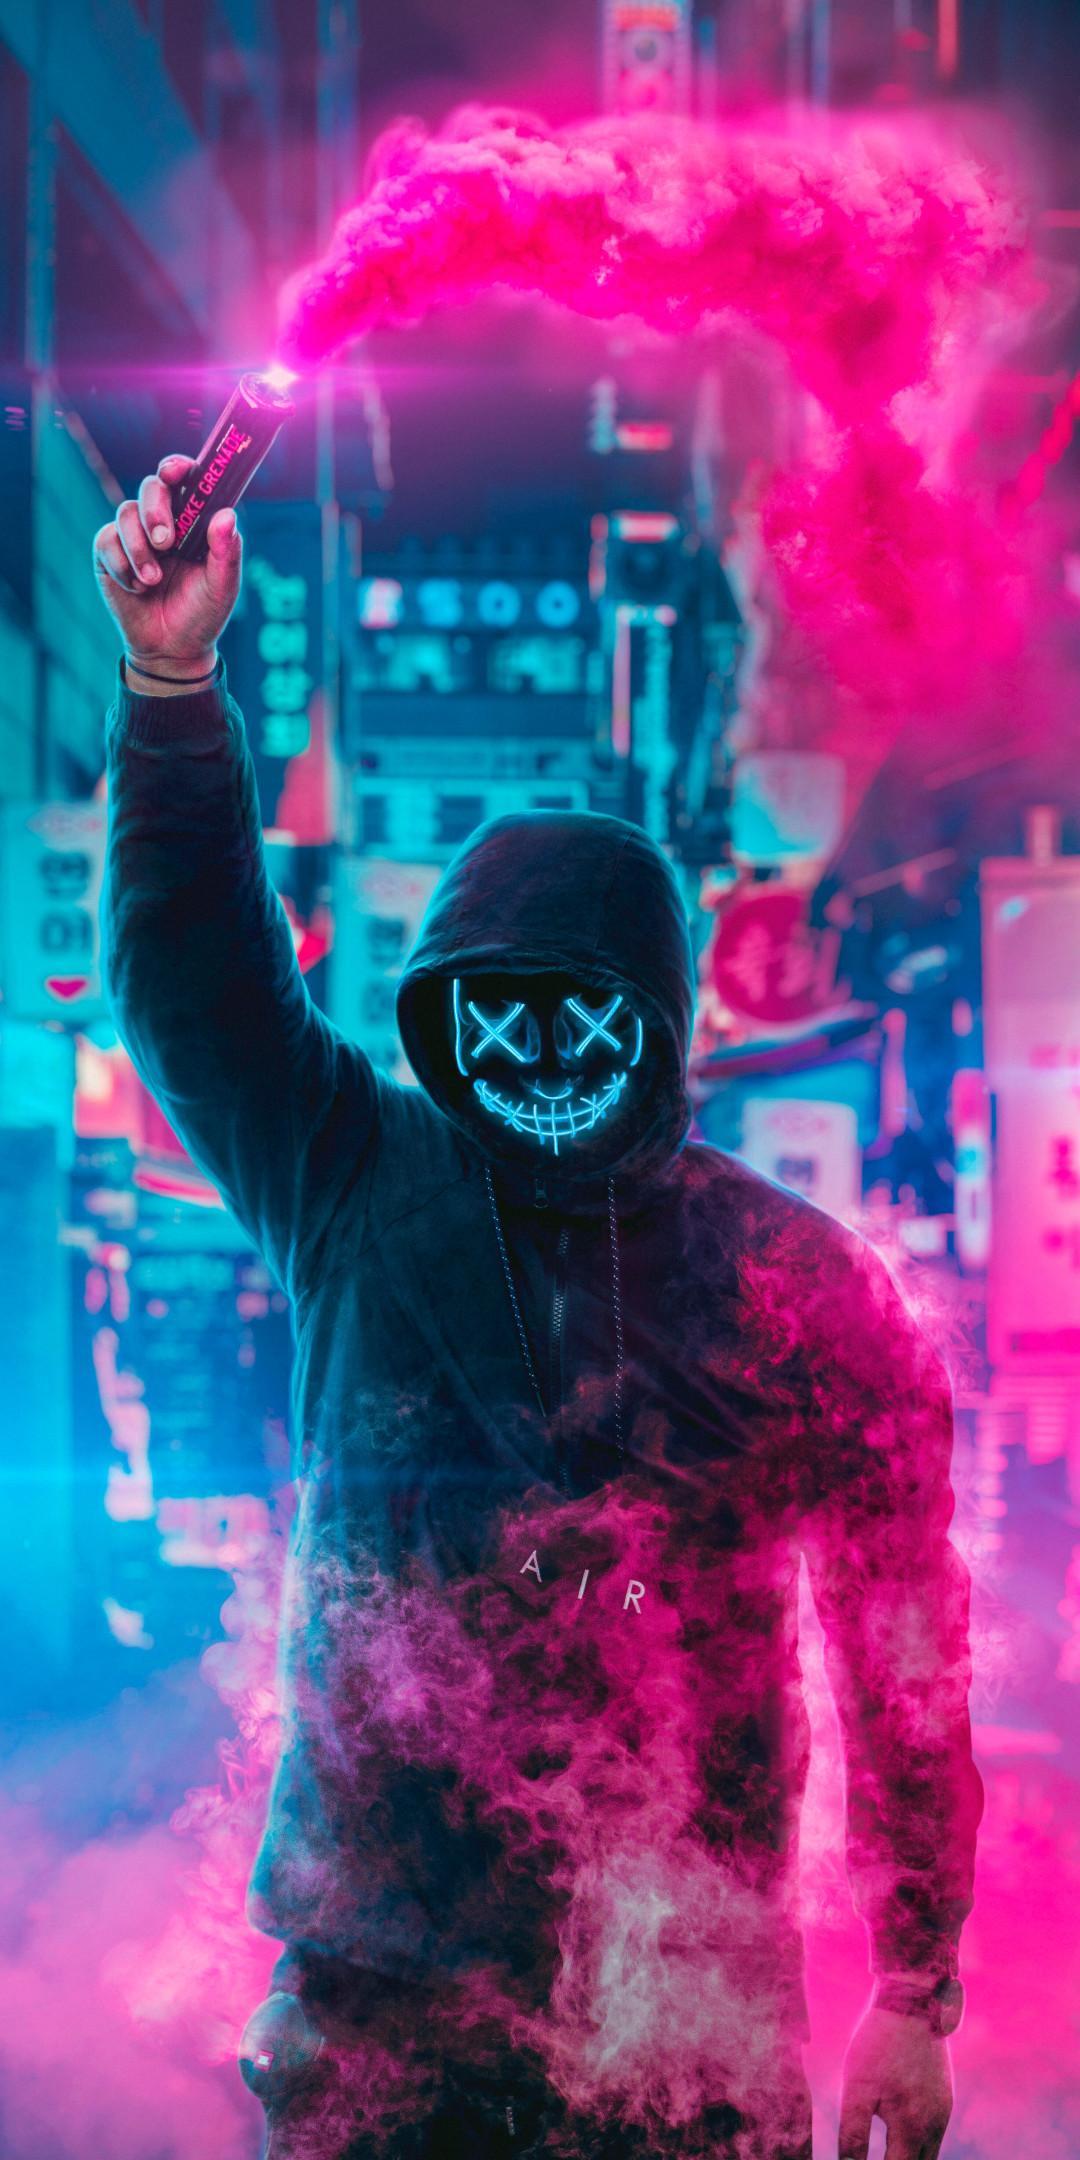 Joker Neon Wallpapers Wallpaper Cave